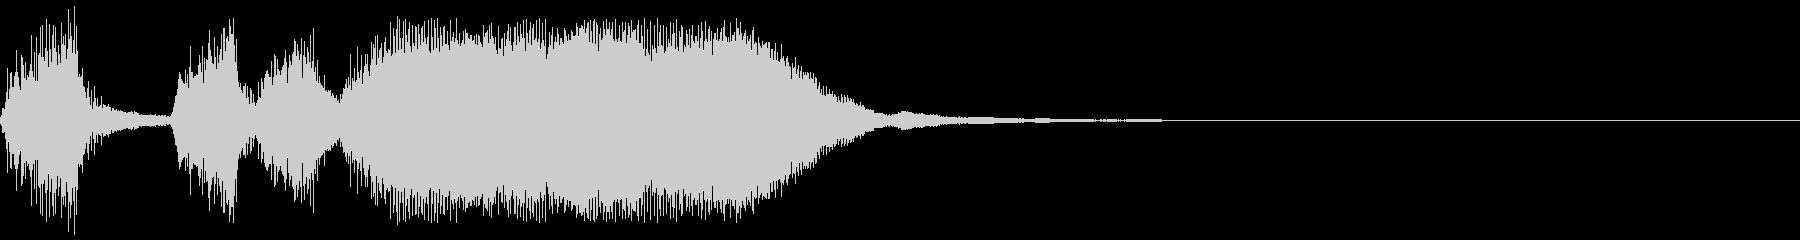 シンプルなファンファーレ6の未再生の波形